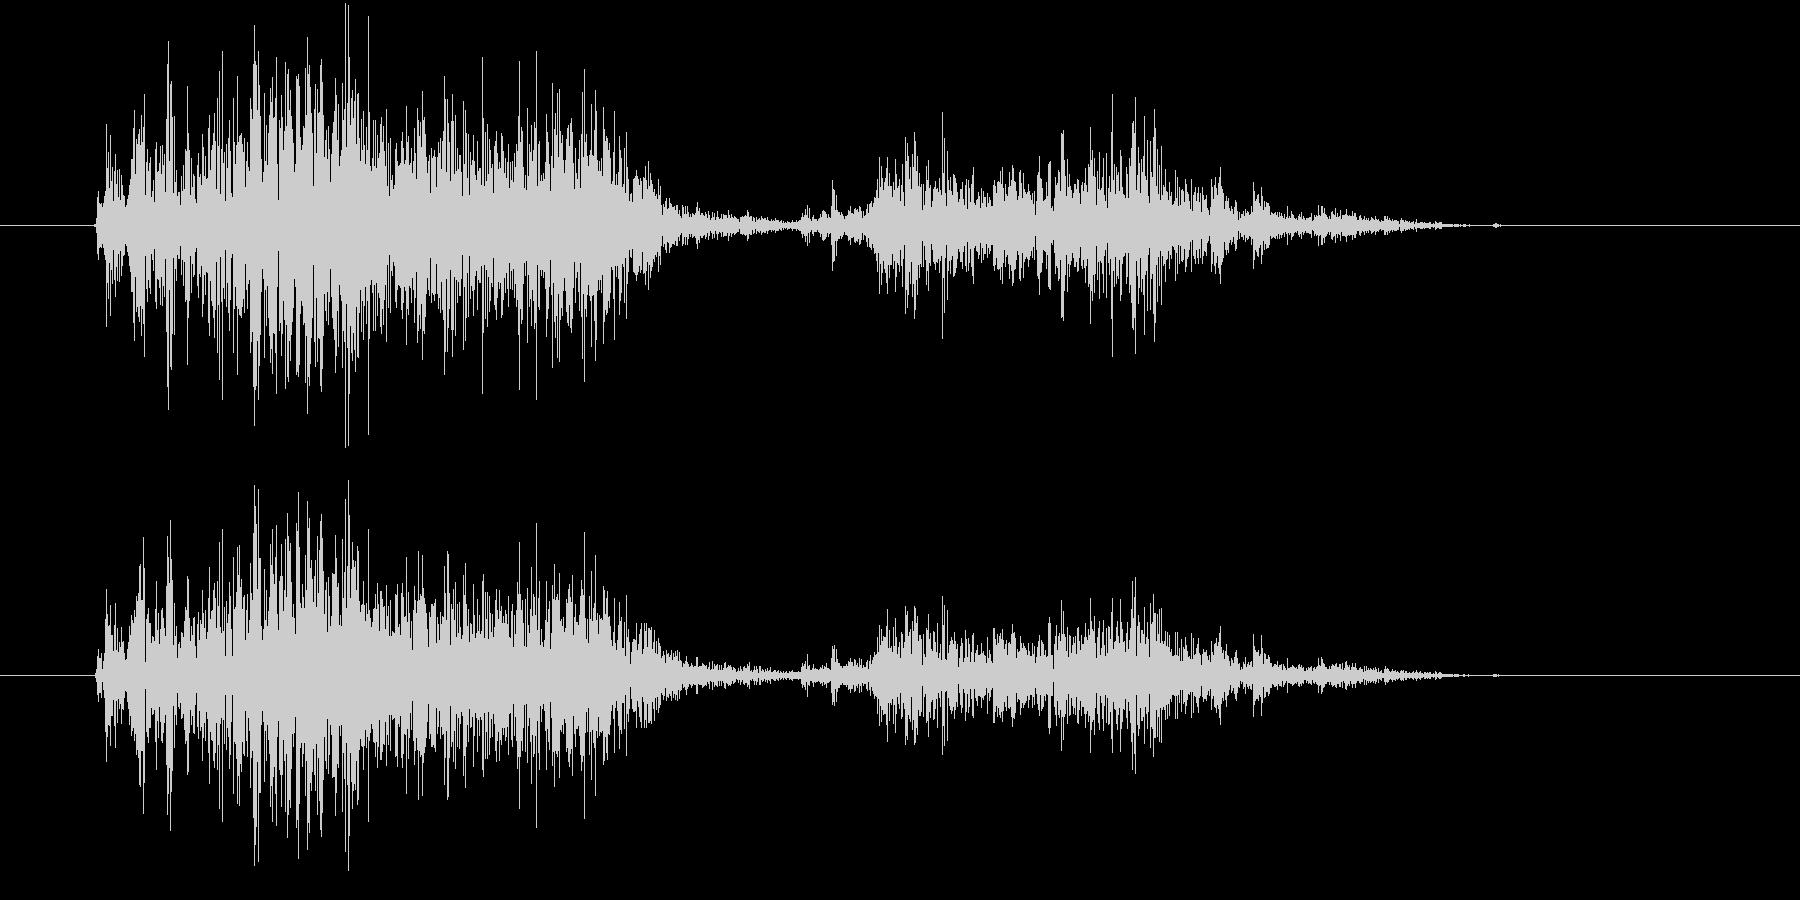 【生録音】スコップでザクッと掘る音の未再生の波形